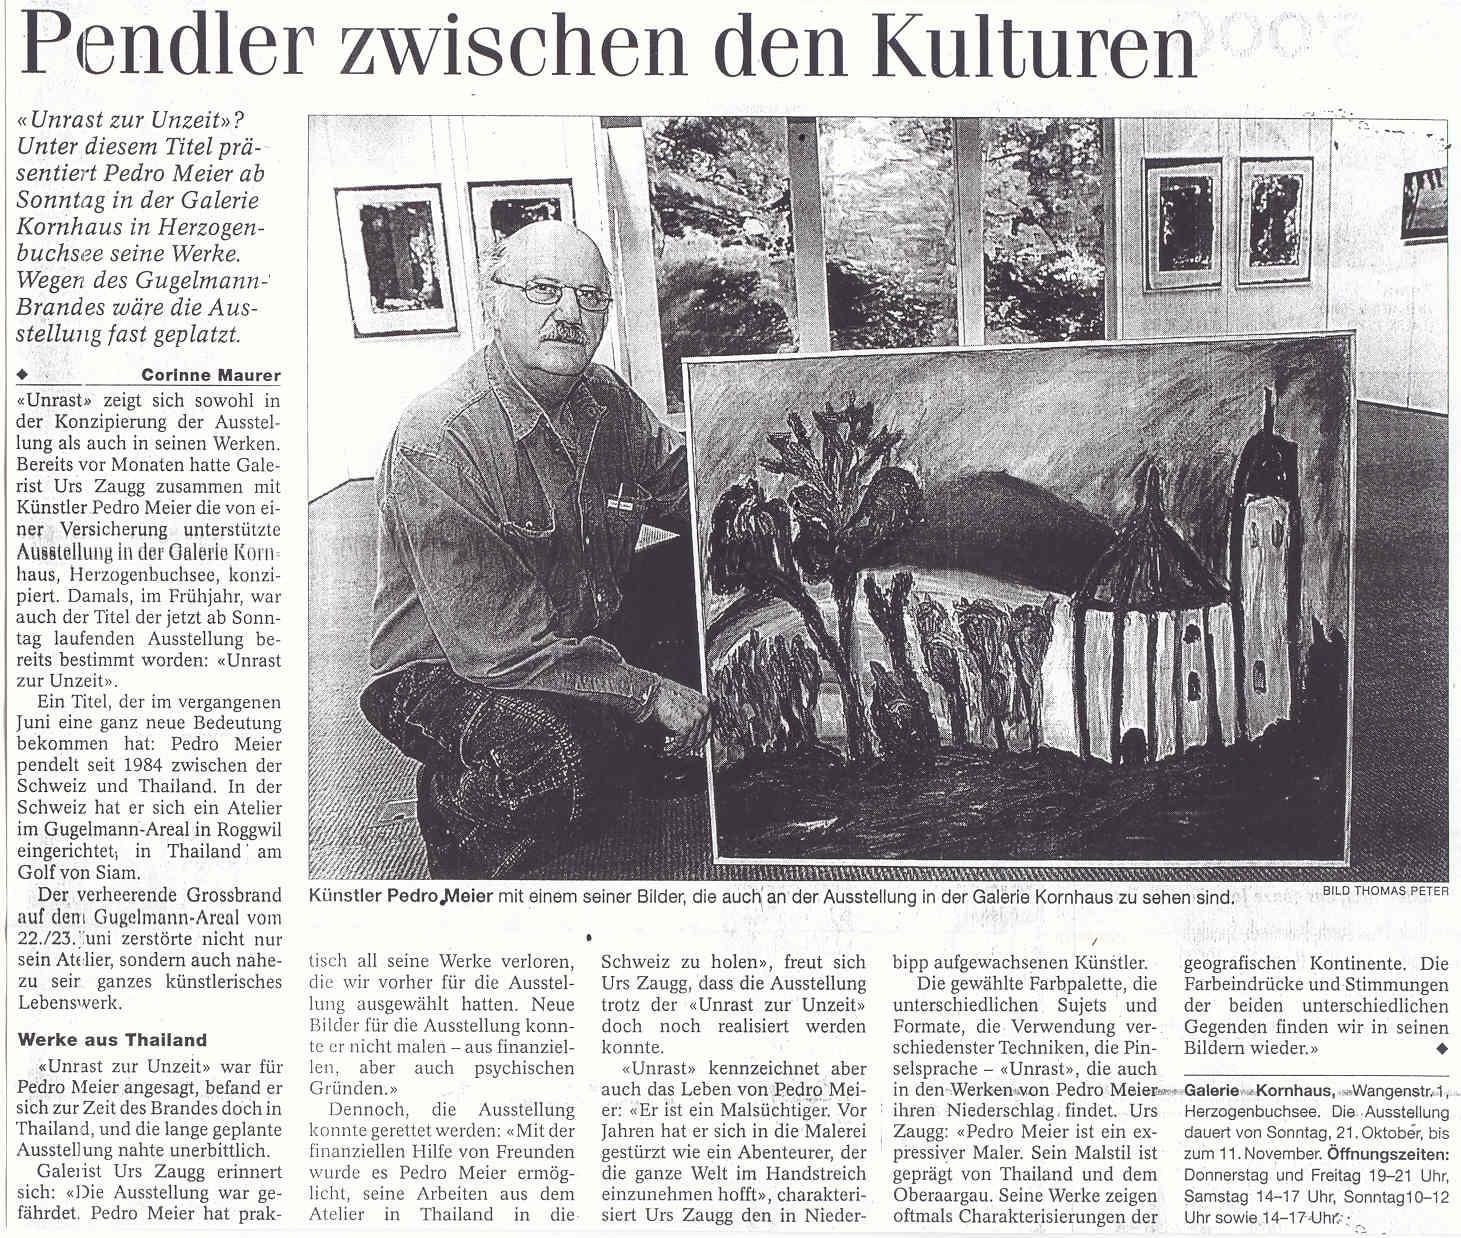 Galerie Kornhaus Herzogenbuchsee – Presse: »BZ Berner Zeitung« (Corinne Maurer): Pedro Meier Artist »Pendler zwischen den Kulturen« – (nach dem Atelierbrand in Roggwil-Wynau, Gugelmann Areal) – VISARTE Schweiz Solothurn – Ateliers in Niederbipp & Thailand